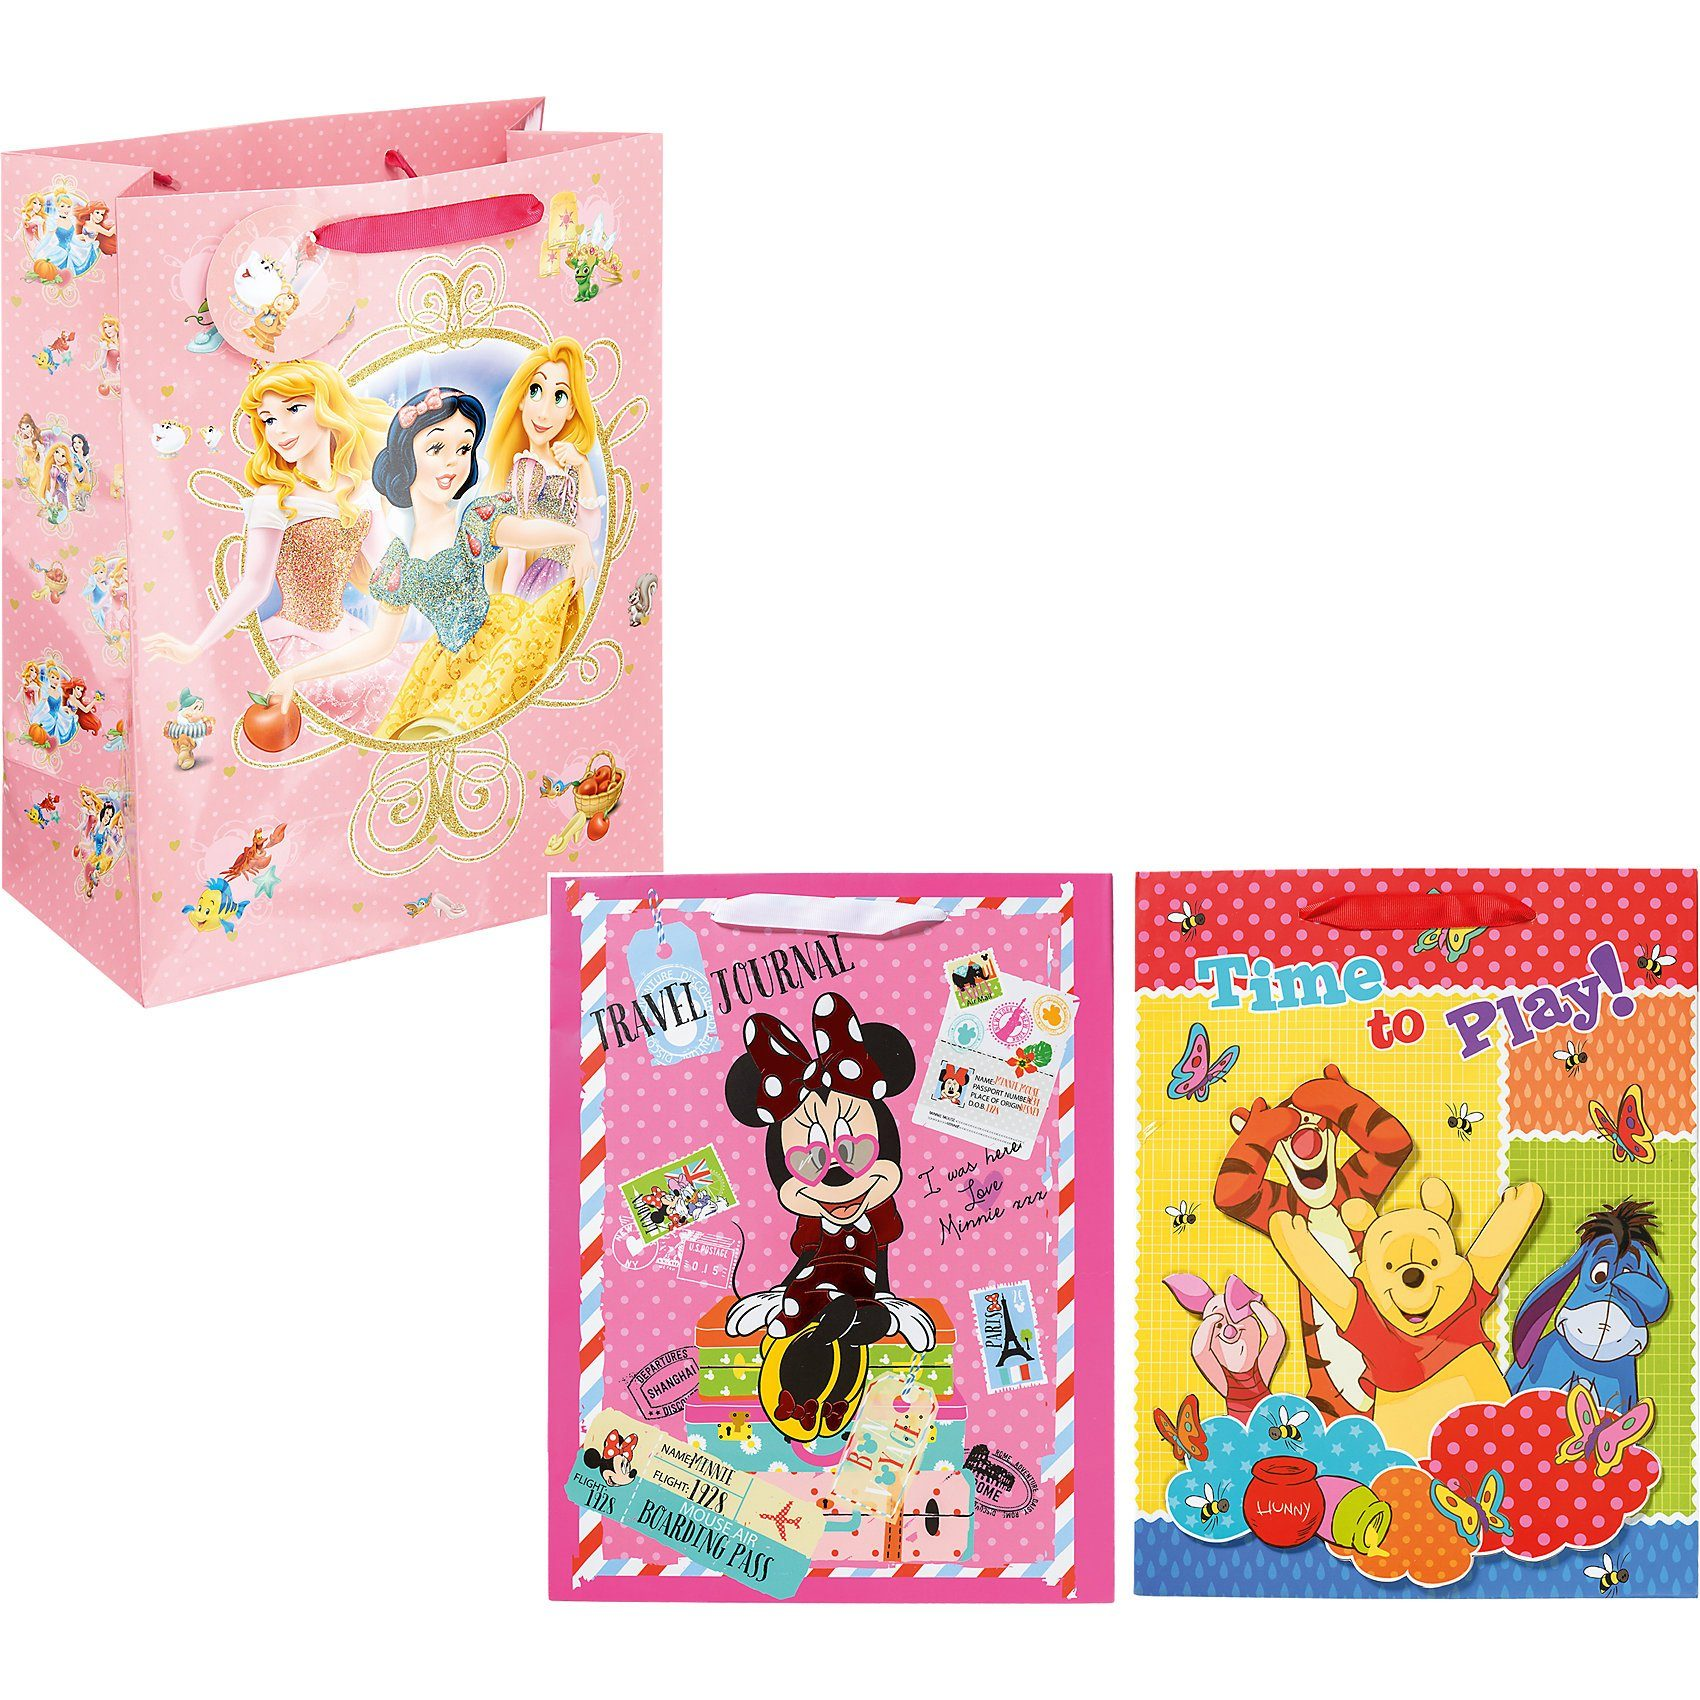 Geschenktüten-Set Lack & Glamour Disney Mädchen, 3-tlg.